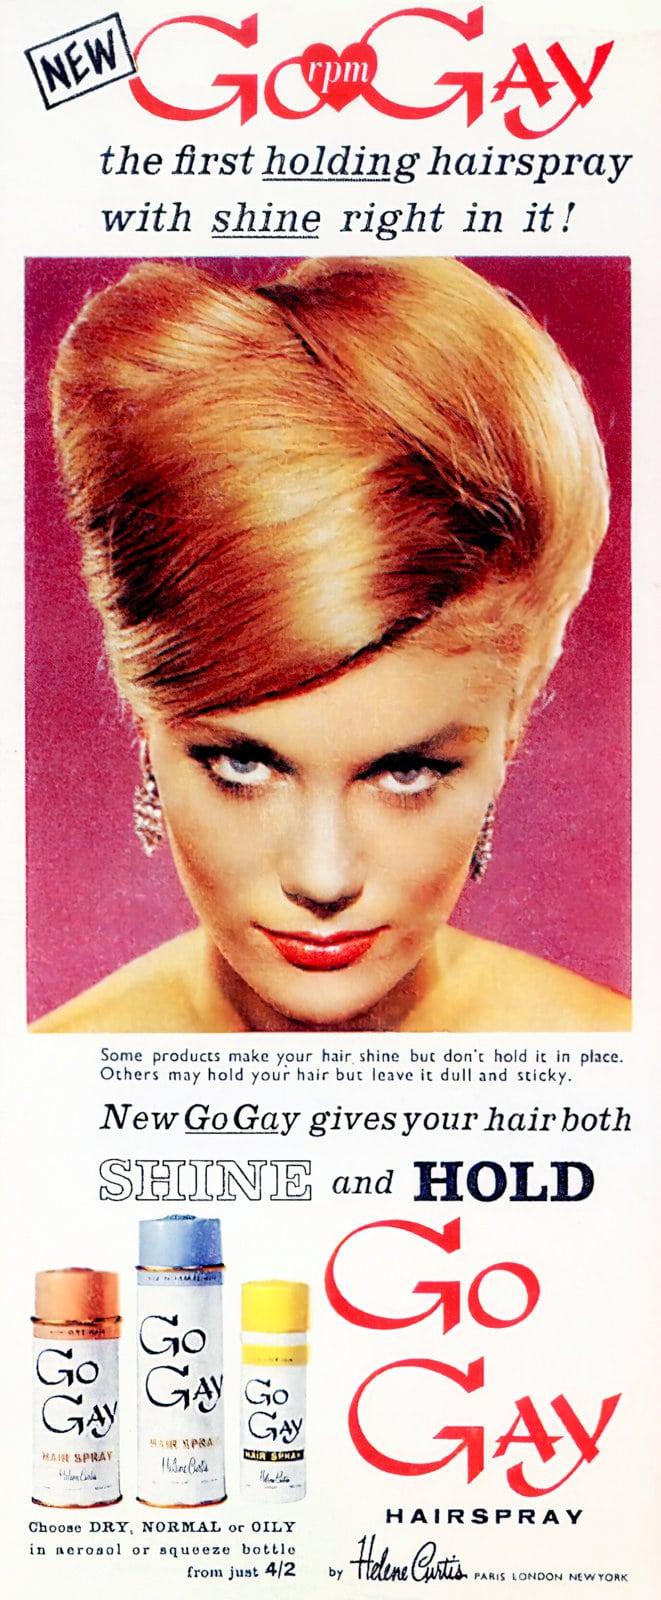 Helene Curtis Go Gay hairspray - 1950s beauty product